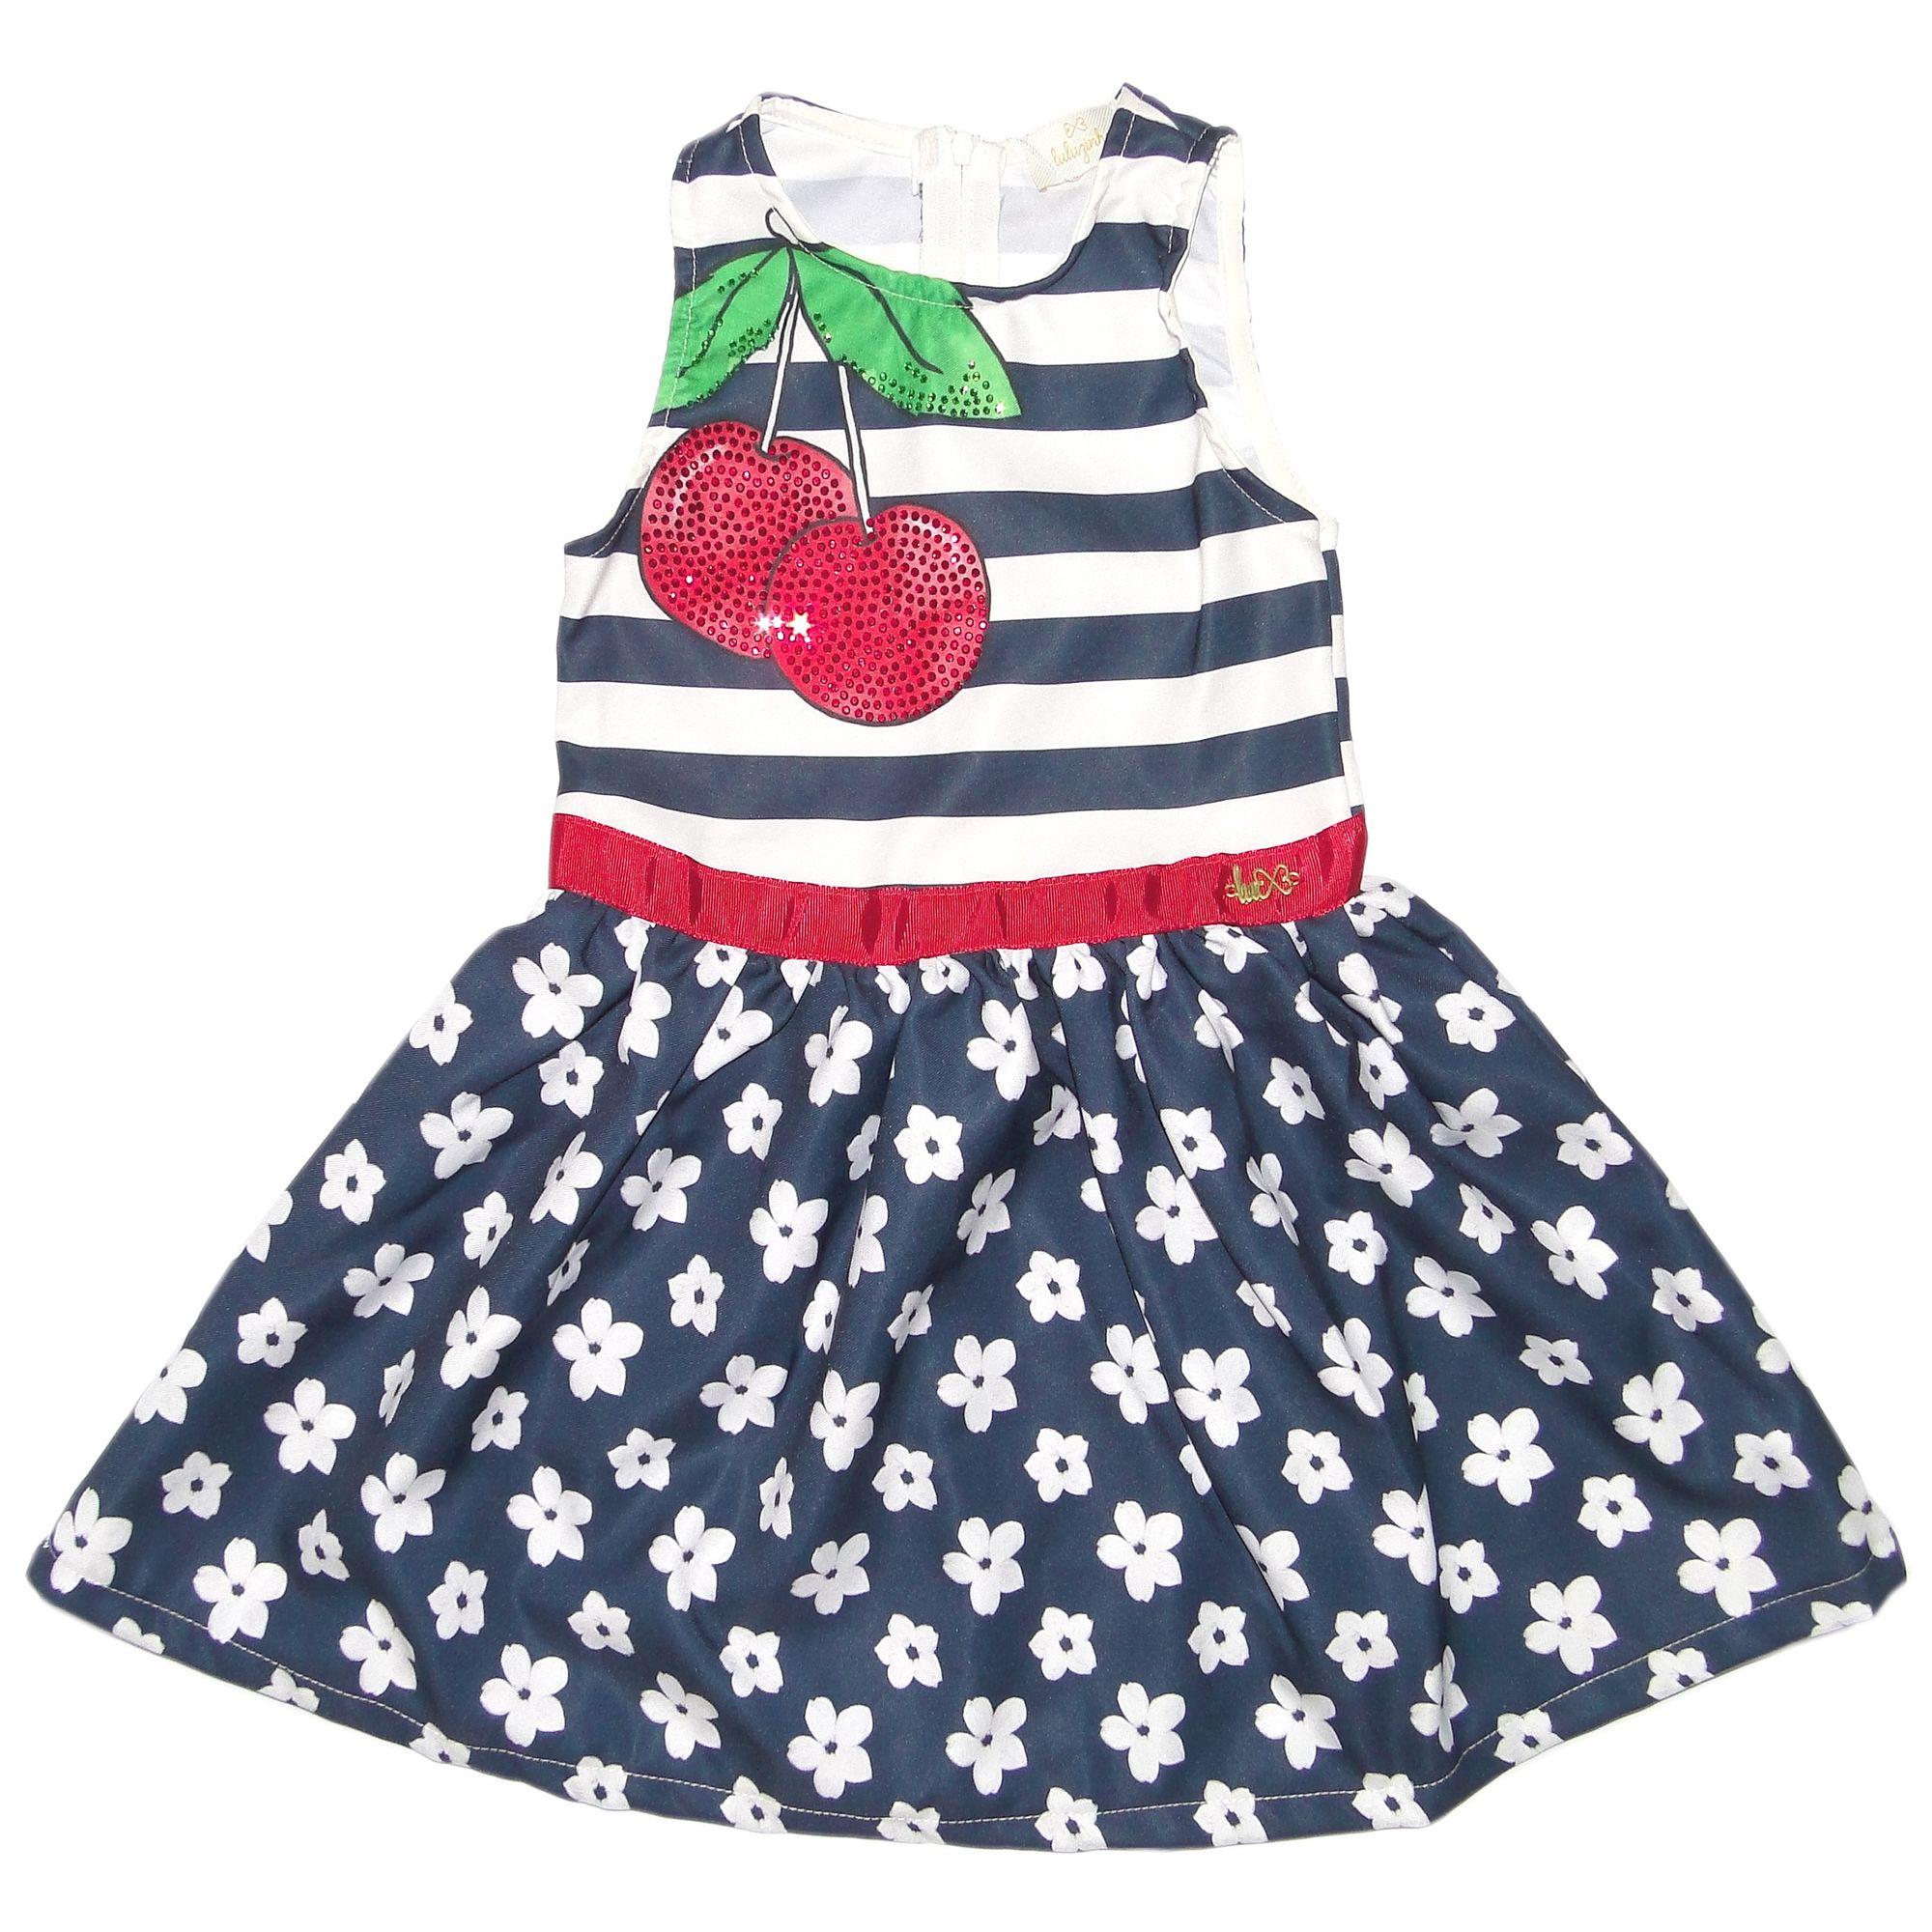 vestido-infantil-listras-saia-florzinhas-e-macas-brilho-luluzinha